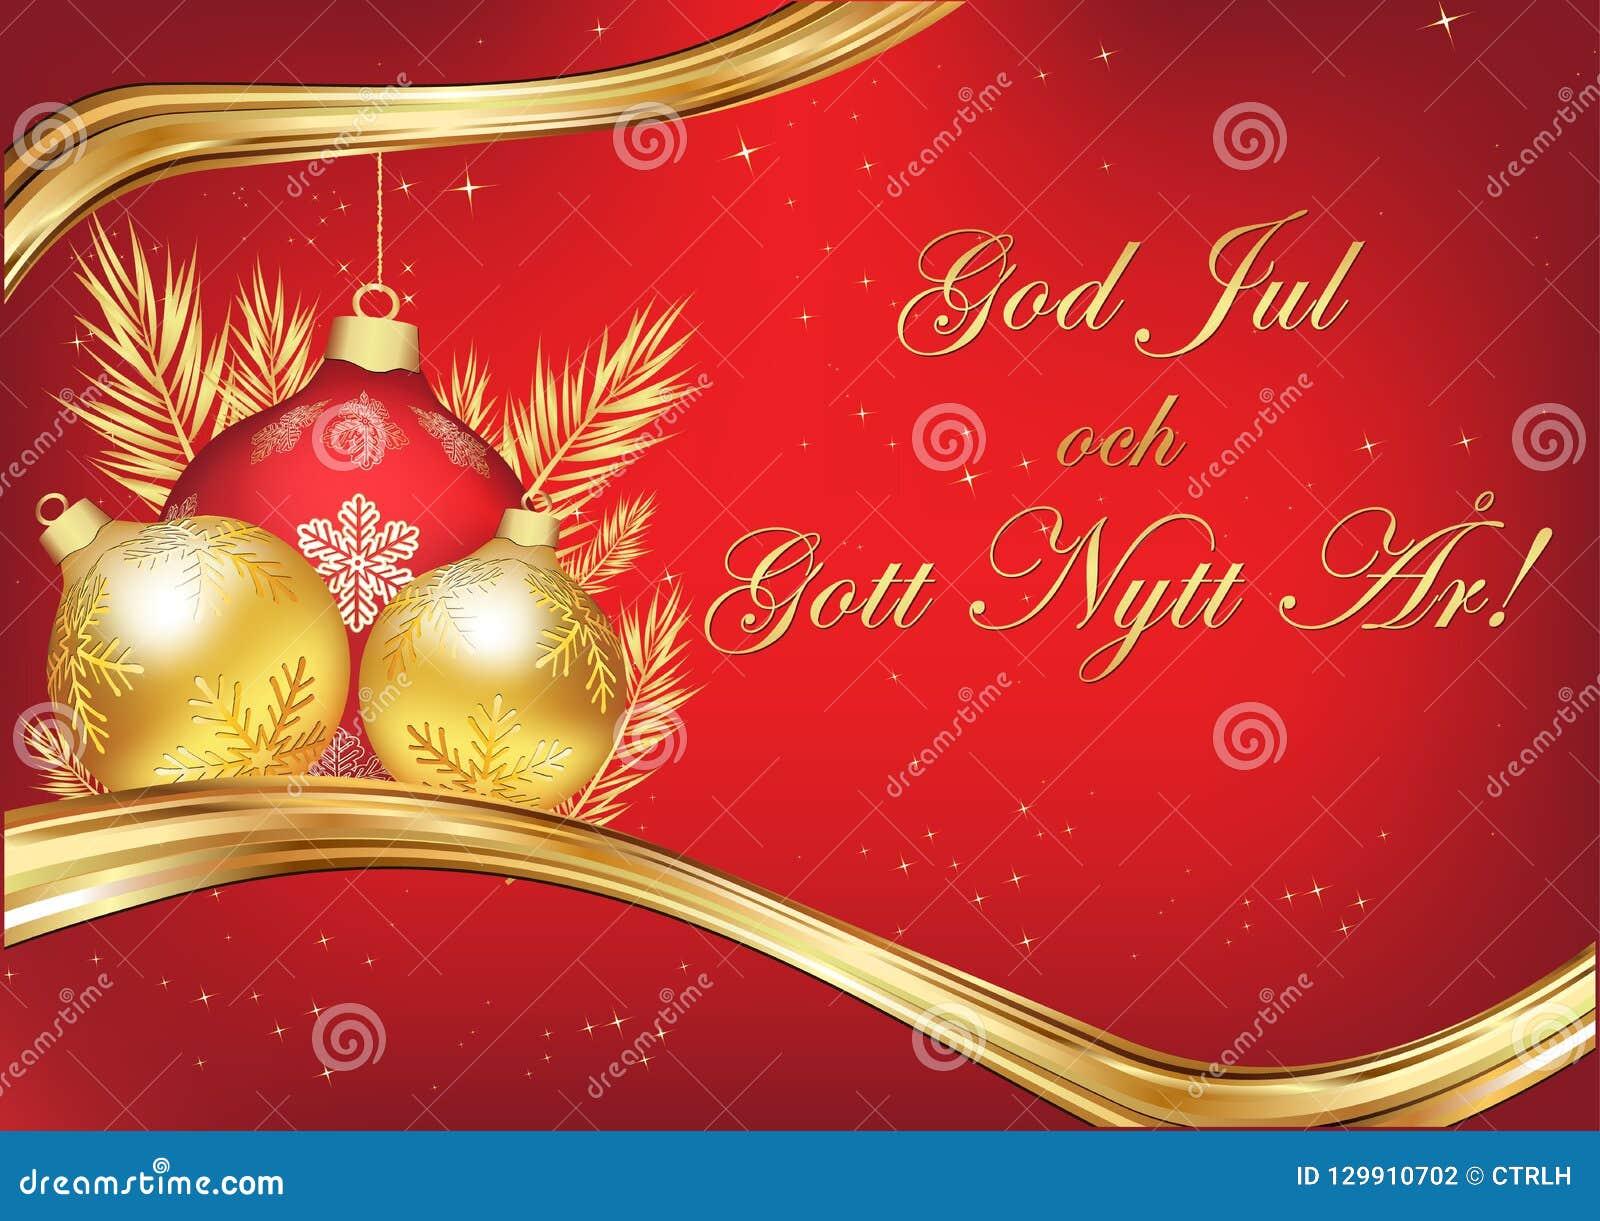 Frohe Weihnachten Schwedisch.Frohe Weihnachten Und Guten Rutsch Ins Neue Jahr Geschrieben